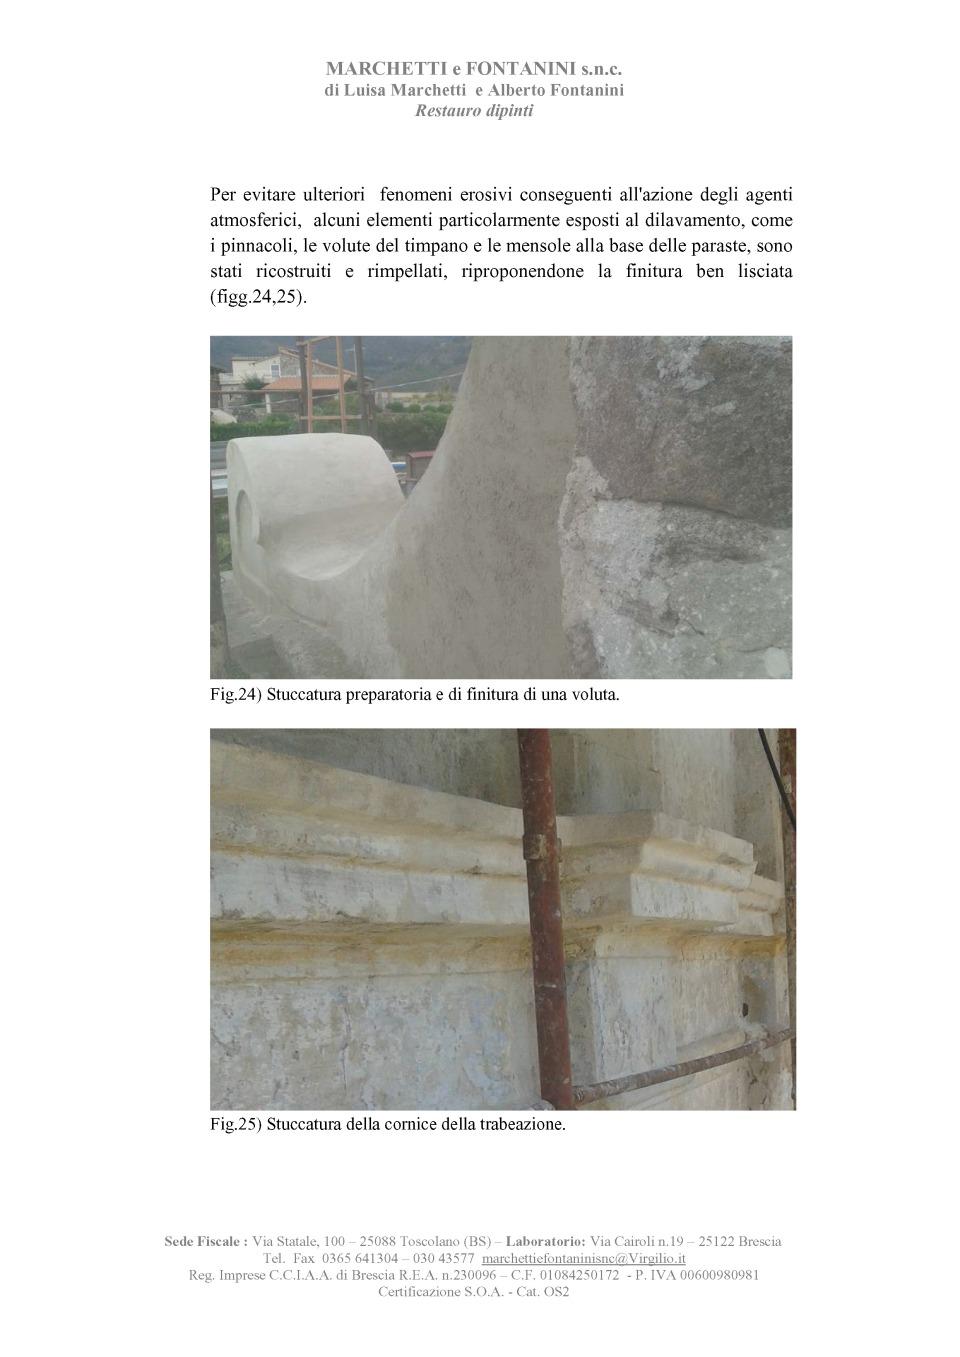 Capraia Isola Facciata S Antonio Relazione finale I Fase Lavori(2) (1)_Page_18